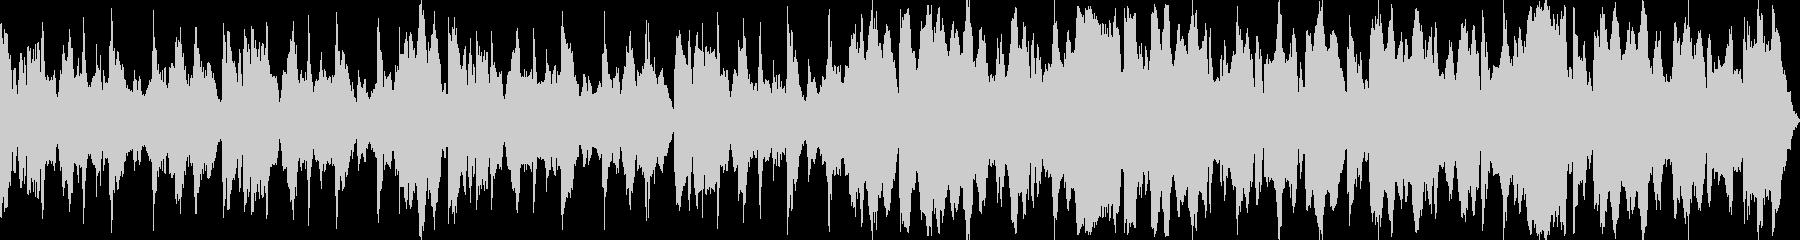 祭り囃子をイメージしたBGM03の未再生の波形